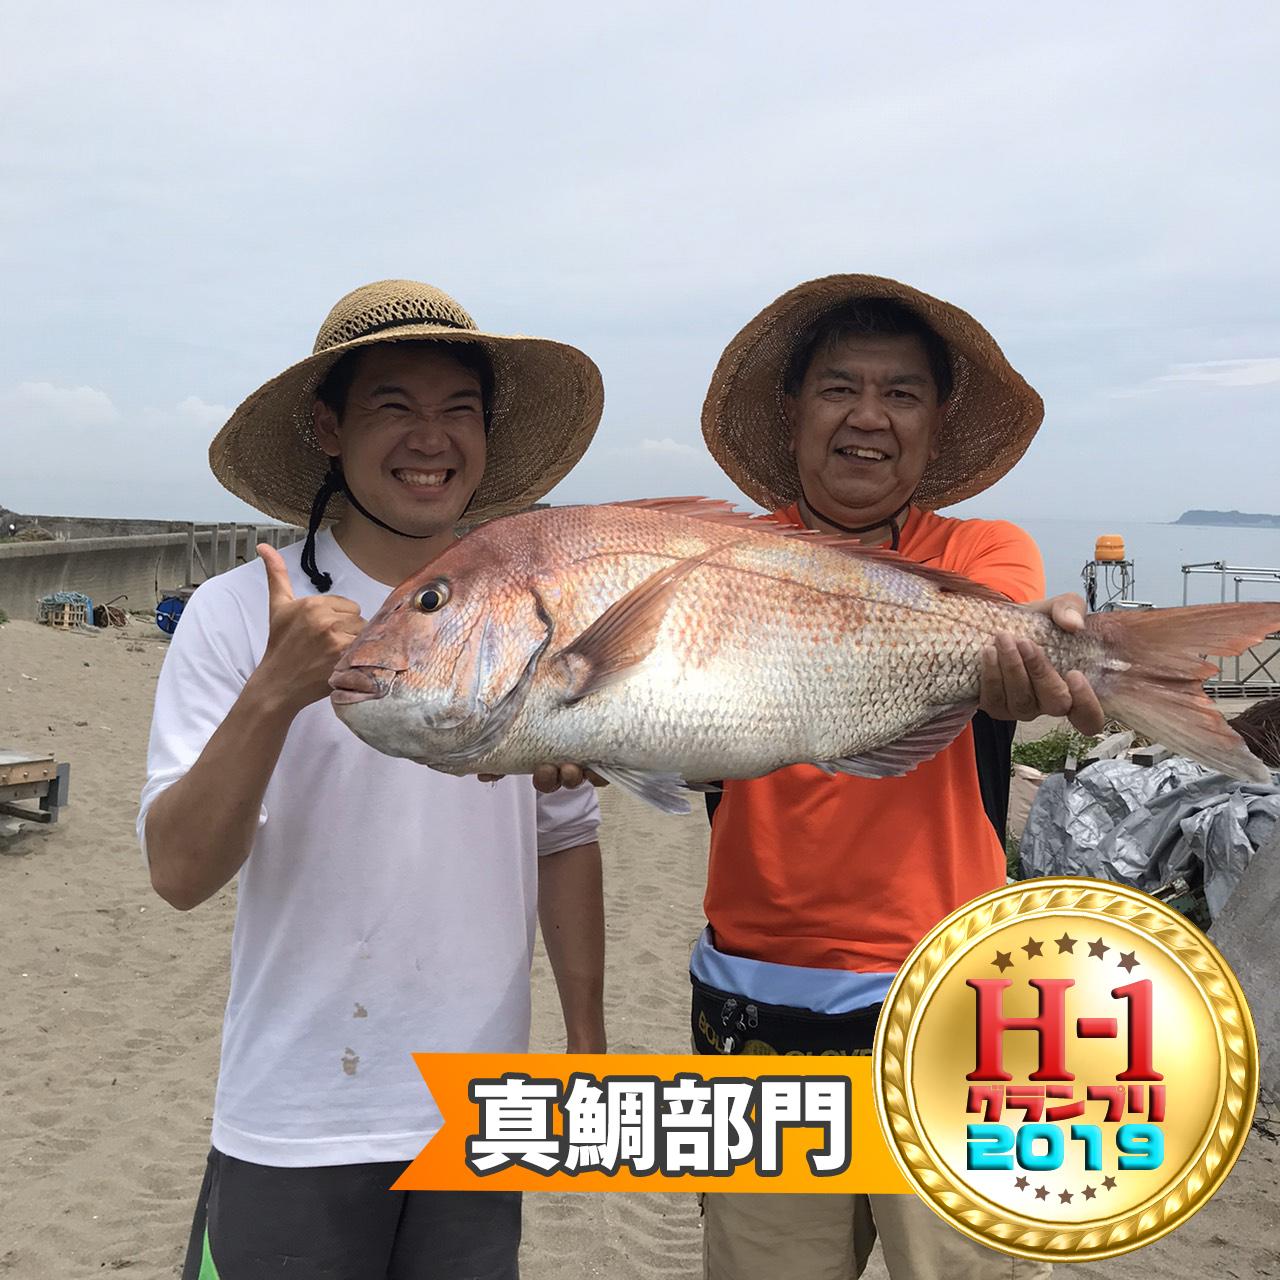 H1グランプリ真鯛部門賞